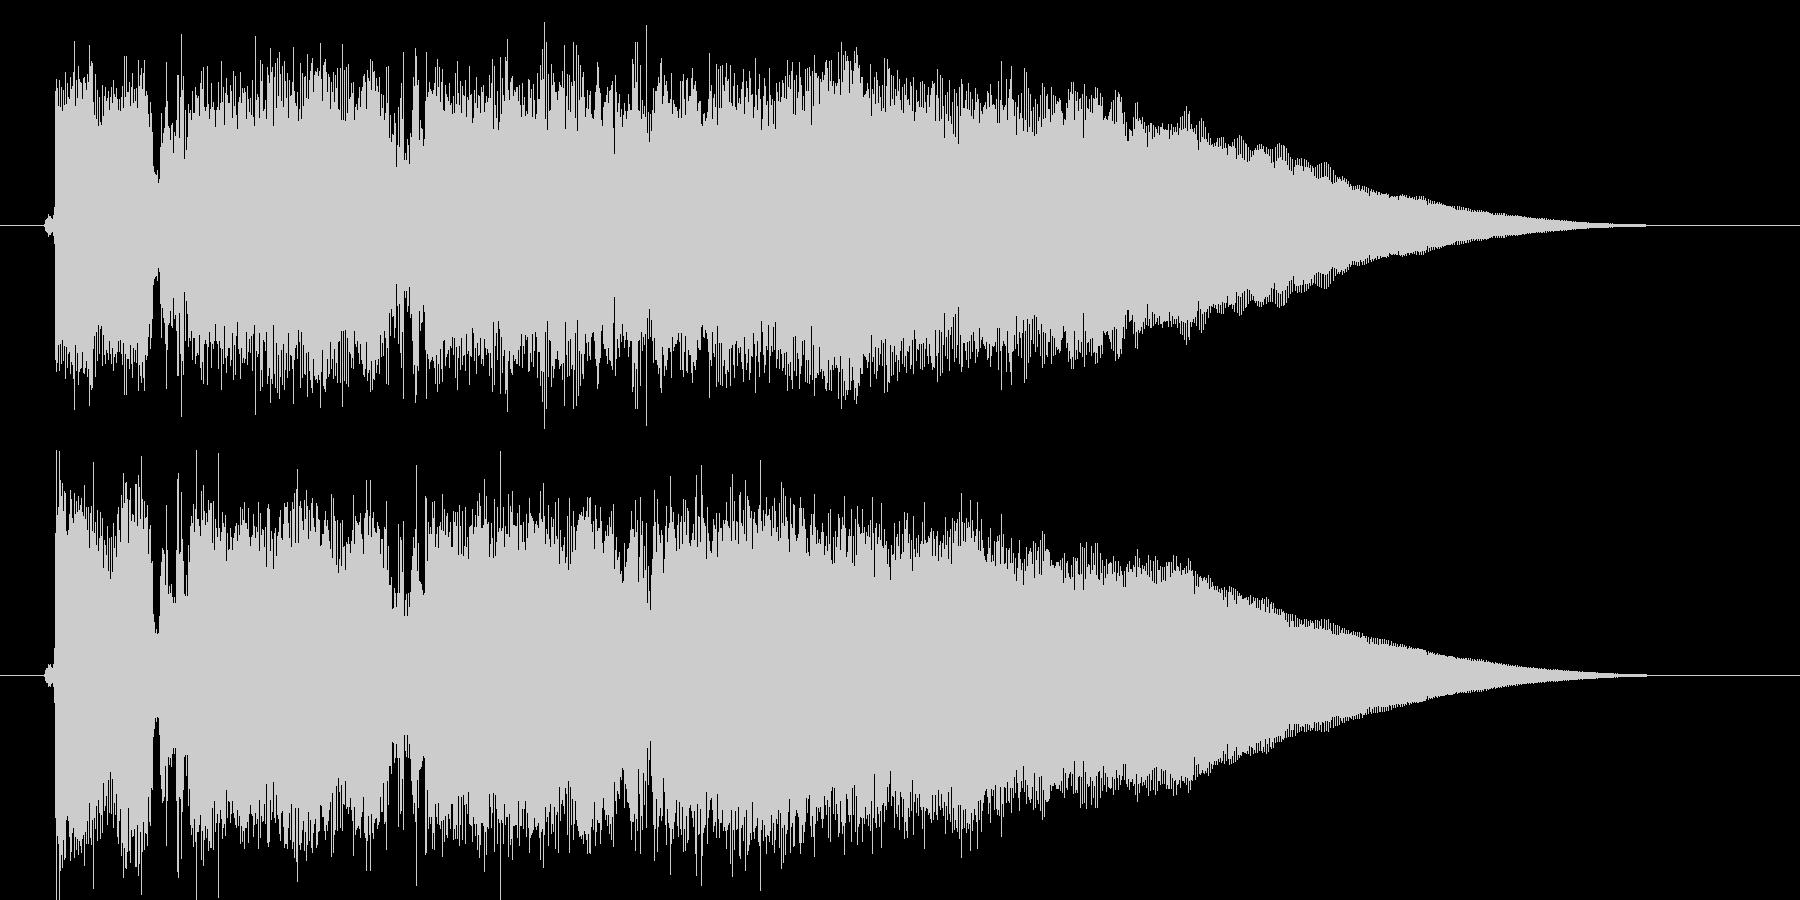 エレキギターの場面切り替えジングルの未再生の波形